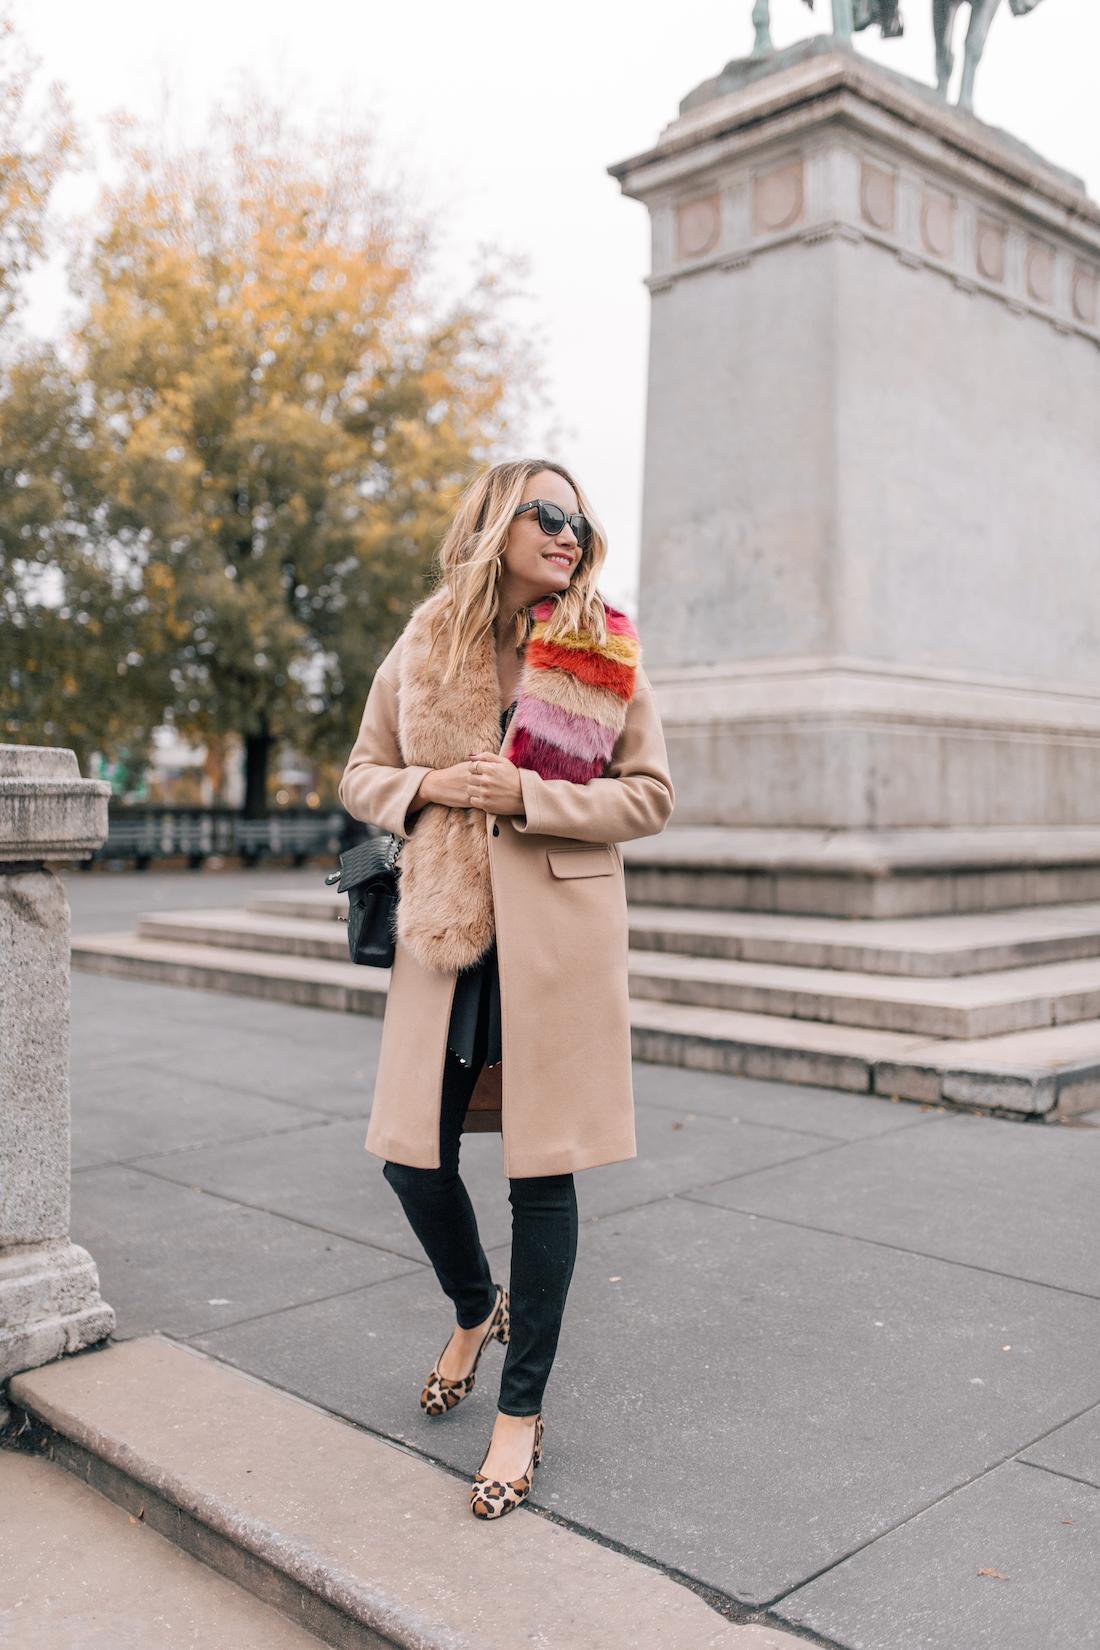 Outfit Details:Rixo London Sequin Top(size up!) //Paige Jeans //Topshop Coat(on sale!!) //Zara Faux Fur Scarf //Margaux Leopard Heels //Polaroid Sunglasses